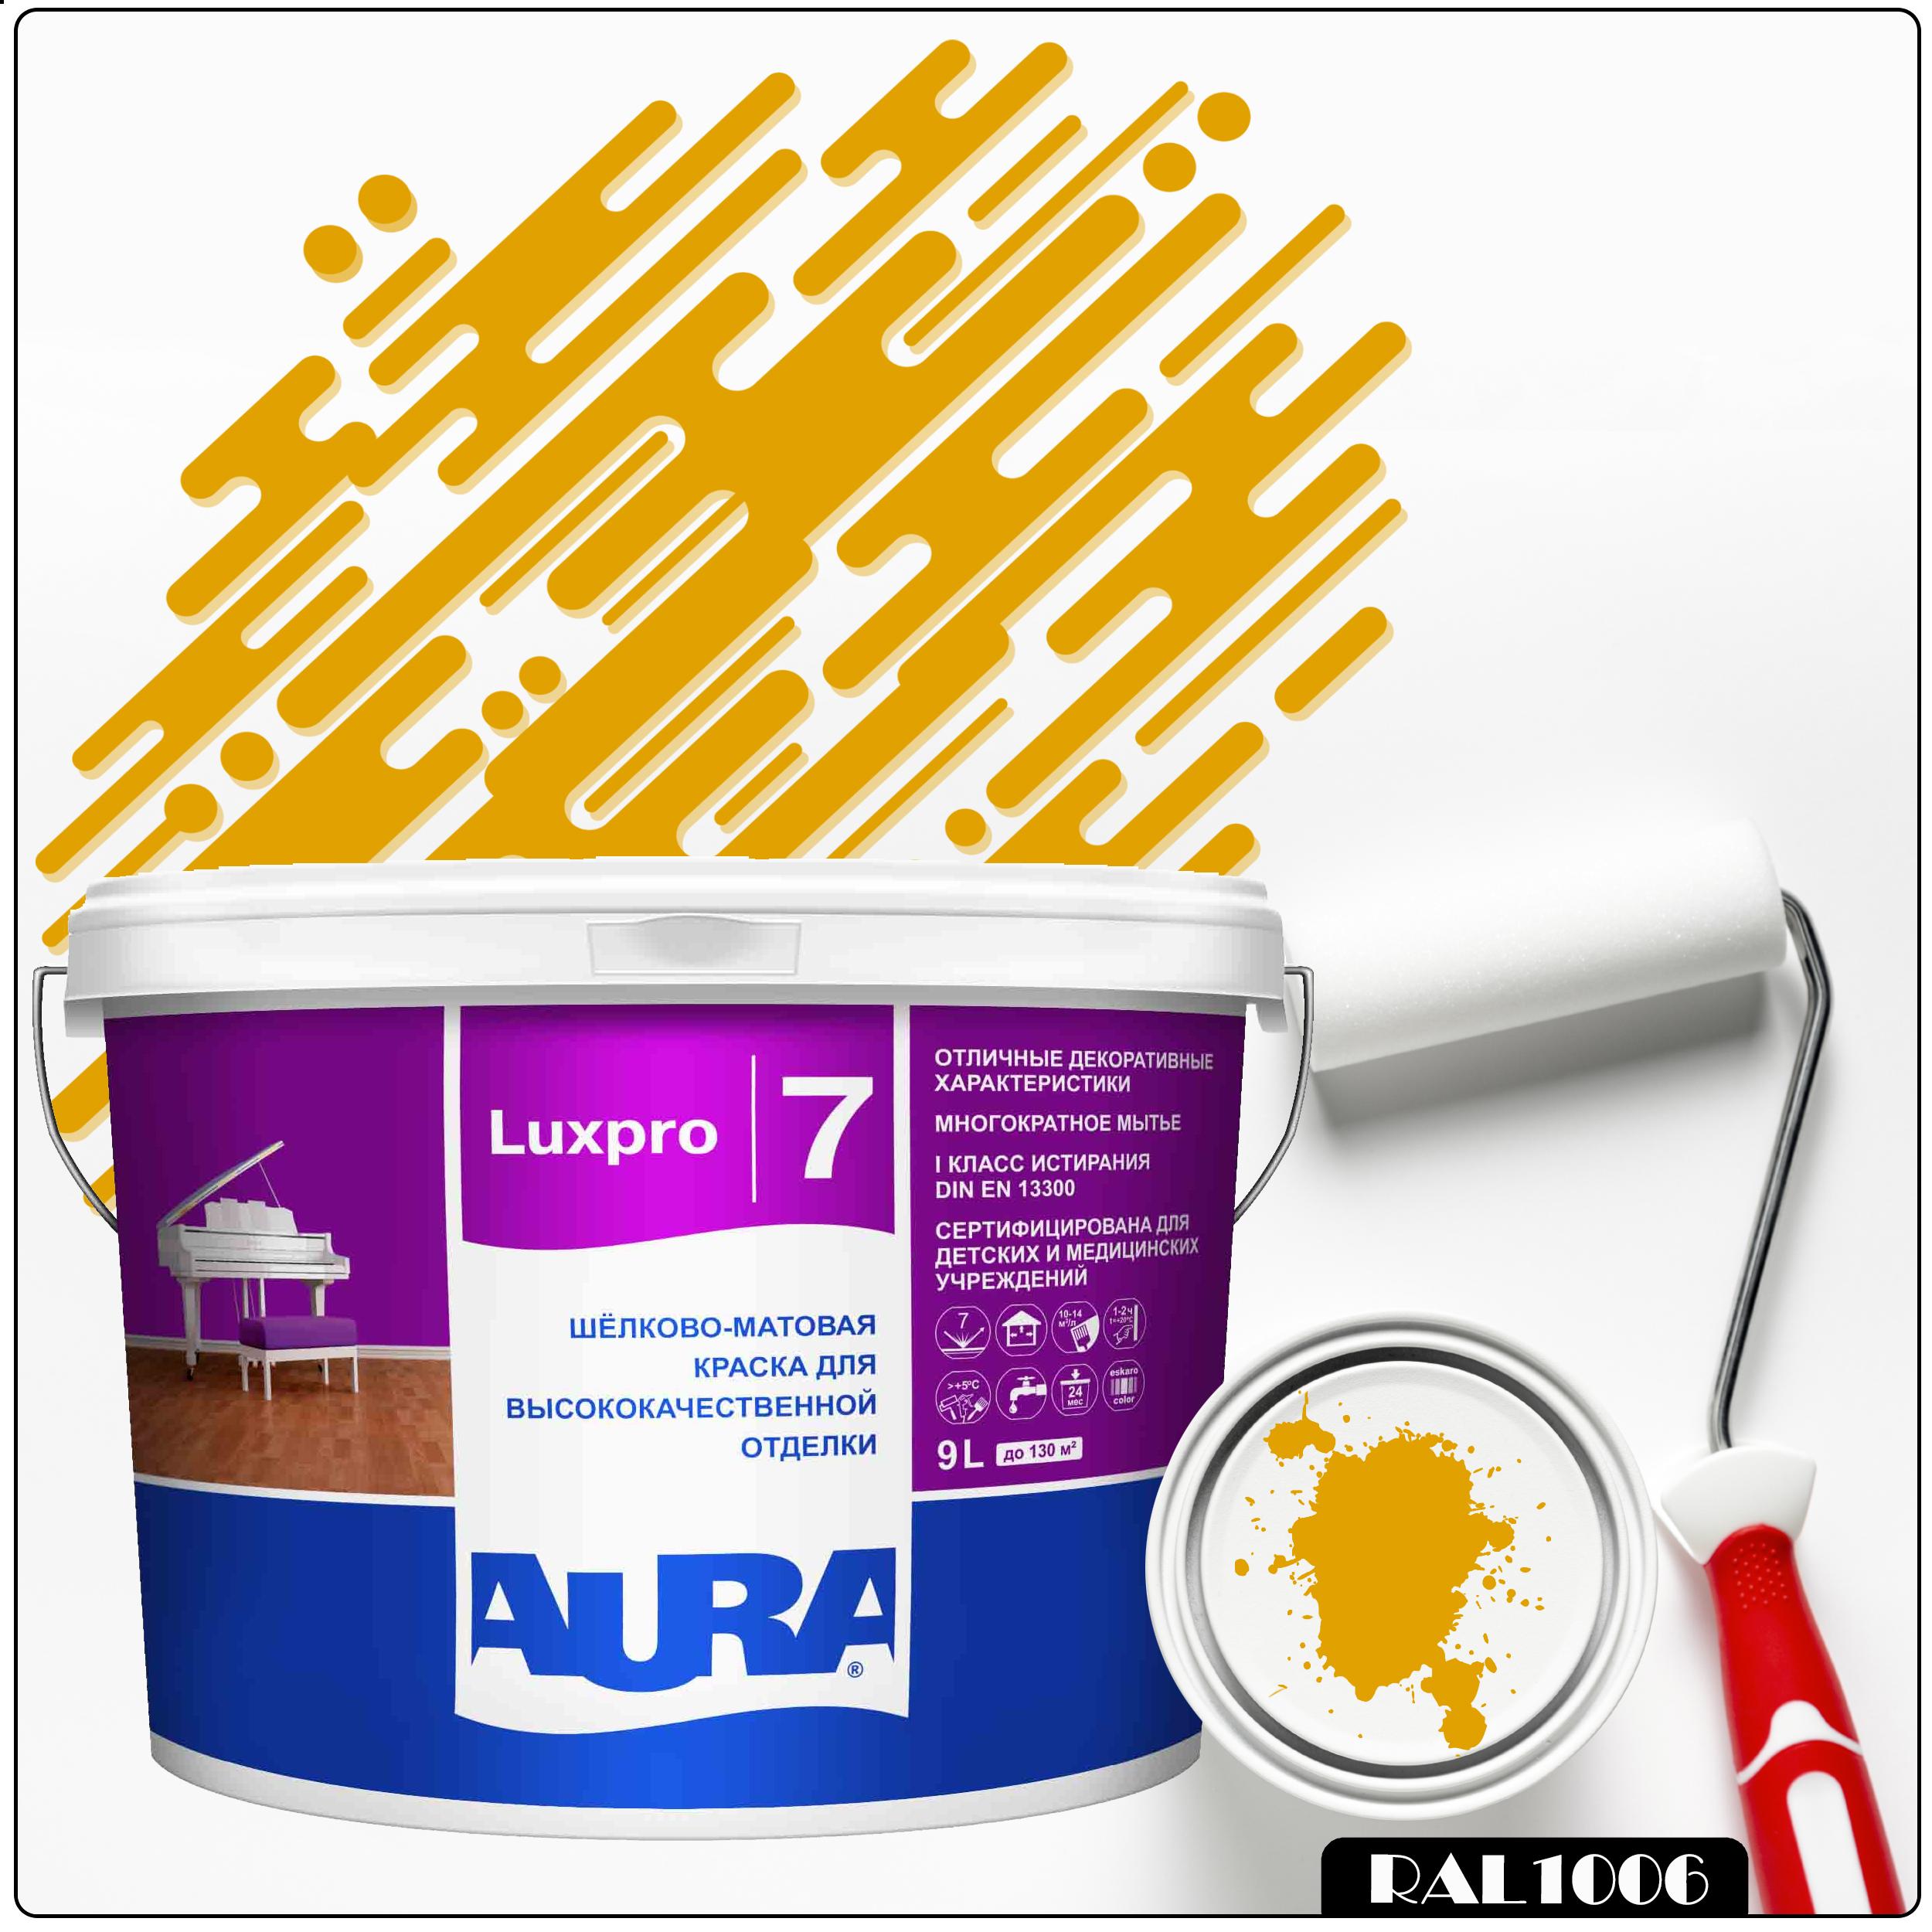 Фото 7 - Краска Aura LuxPRO 7, RAL 1006 Кукурузно-жёлтый, латексная, шелково-матовая, интерьерная, 9л, Аура.